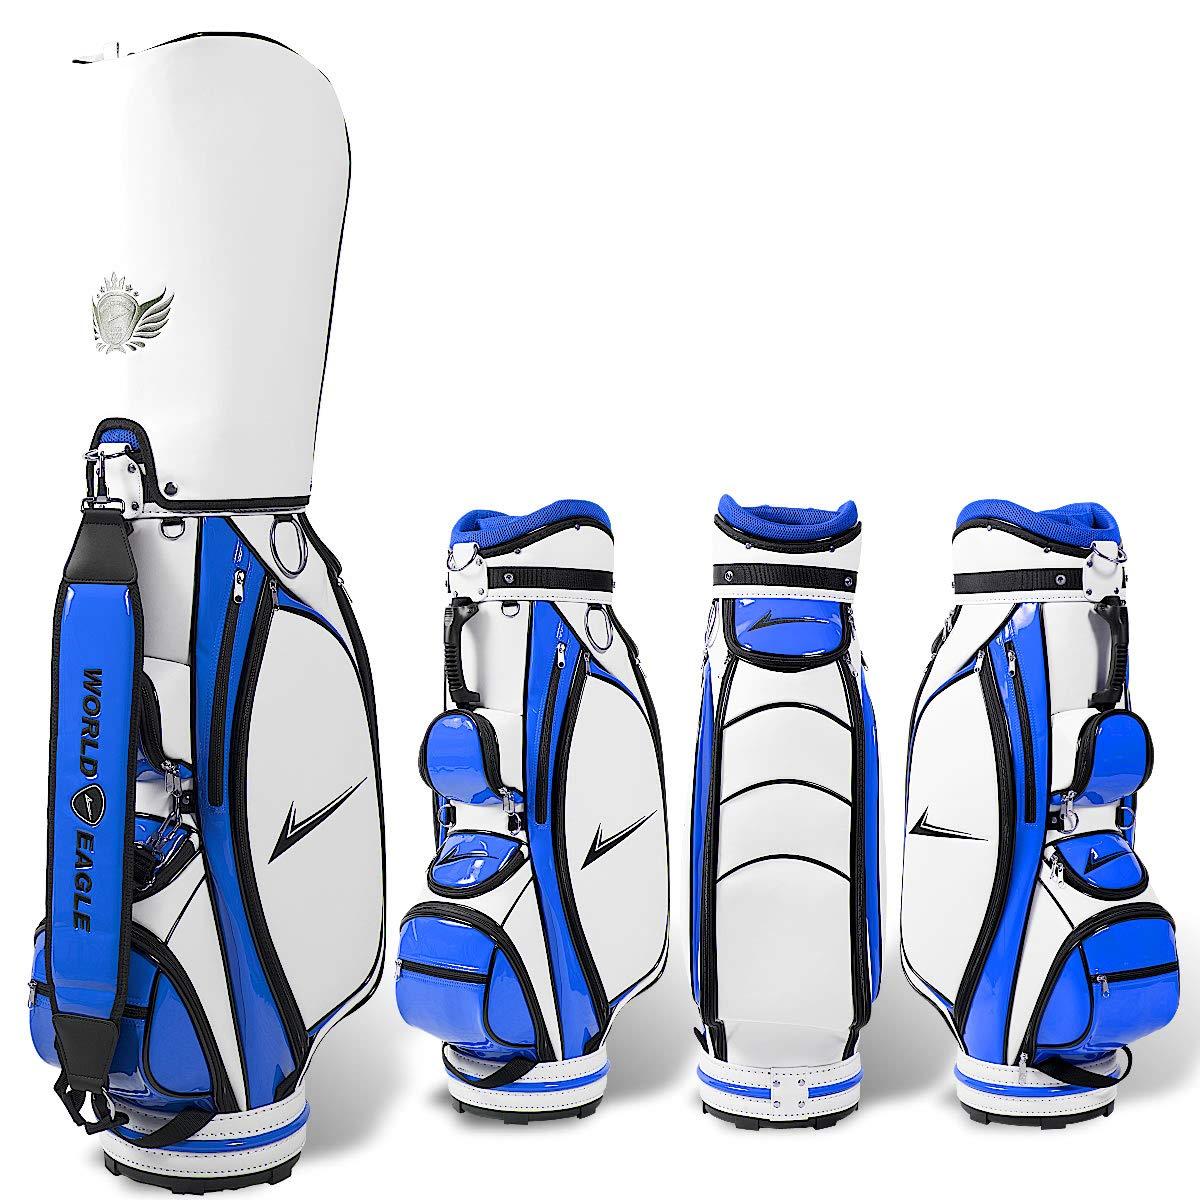 超安い CBXメンズ ゴルフ カート バッグ B07M9YLF1M B07M9YLF1M カート ホワイト ゴルフ/ブルー ホワイト/ブルー, suncardo:c64a4319 --- arianechie.dominiotemporario.com